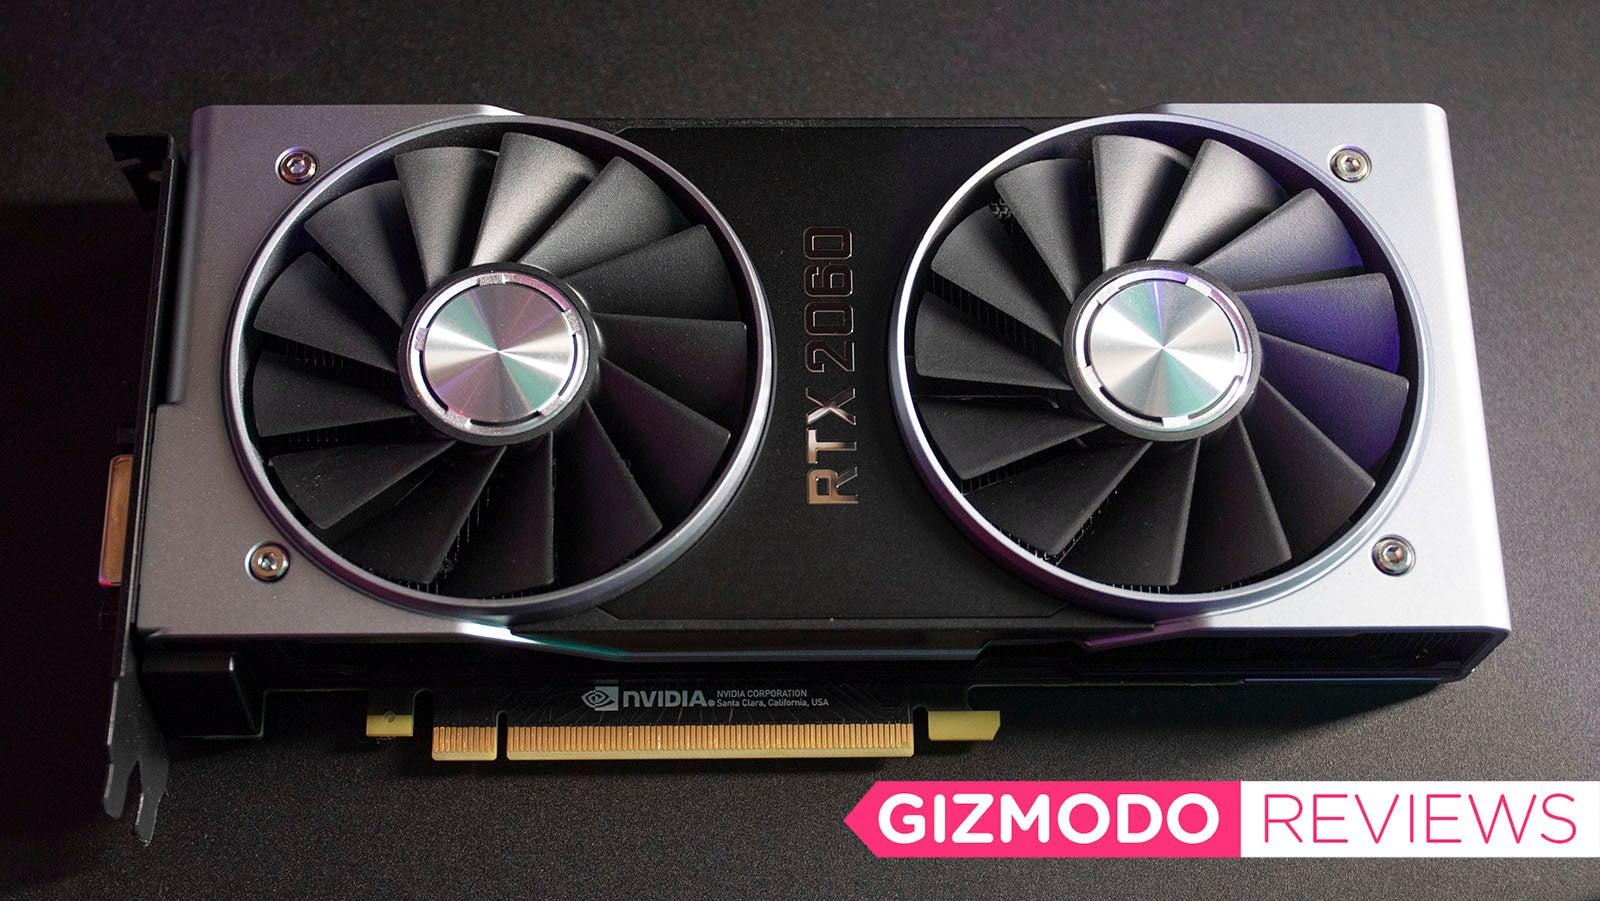 nvidia nvidia-20-series nvidia-rtx-2060-review ray-tracing rtx-2060